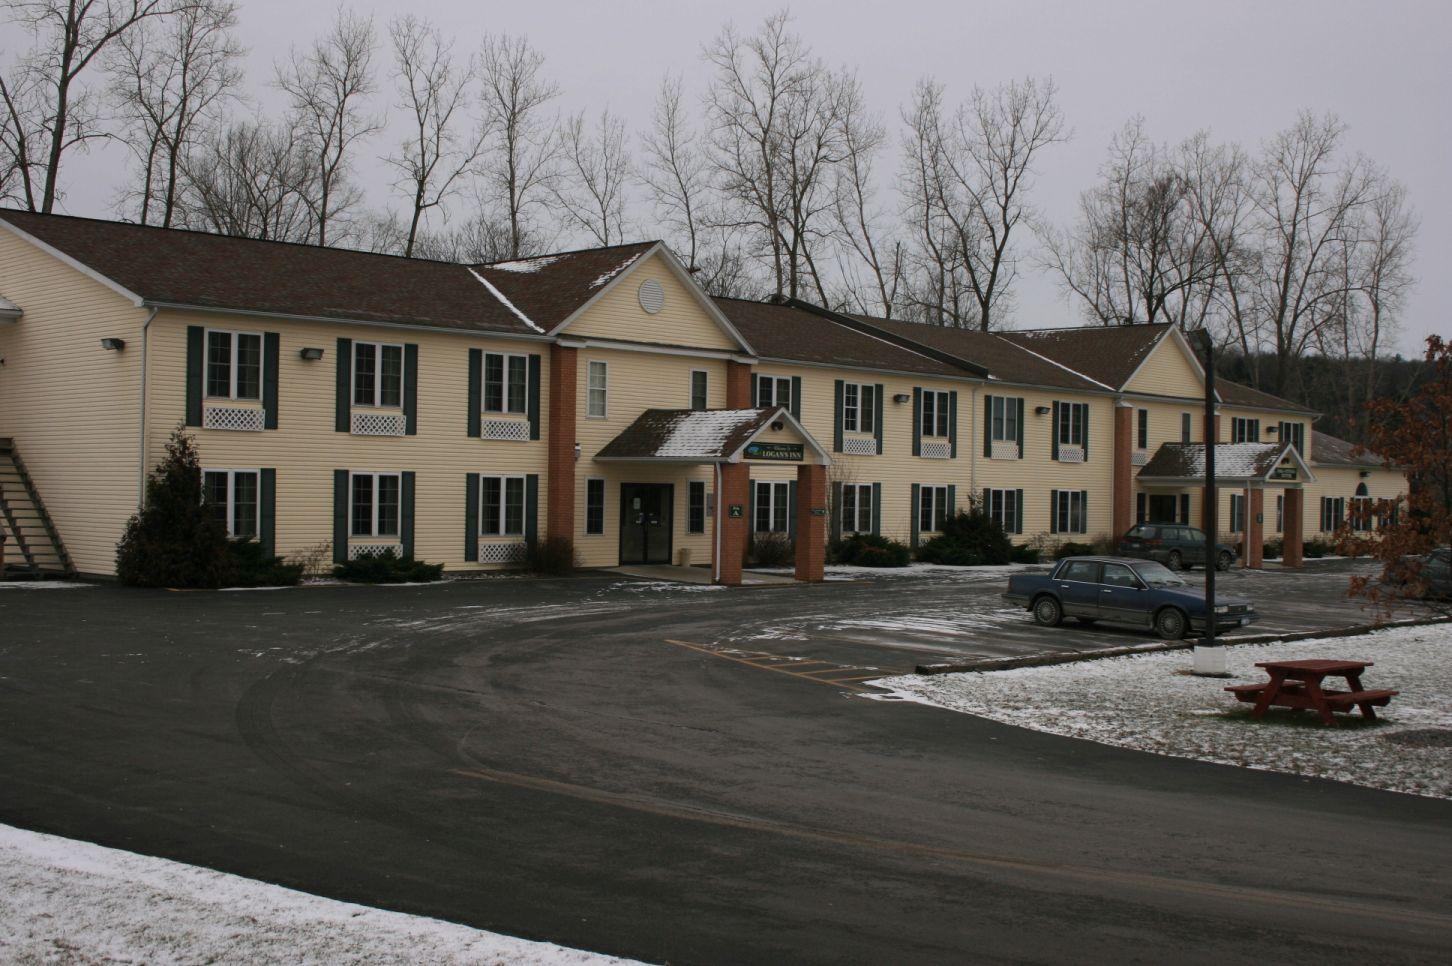 Logans Inn Motel